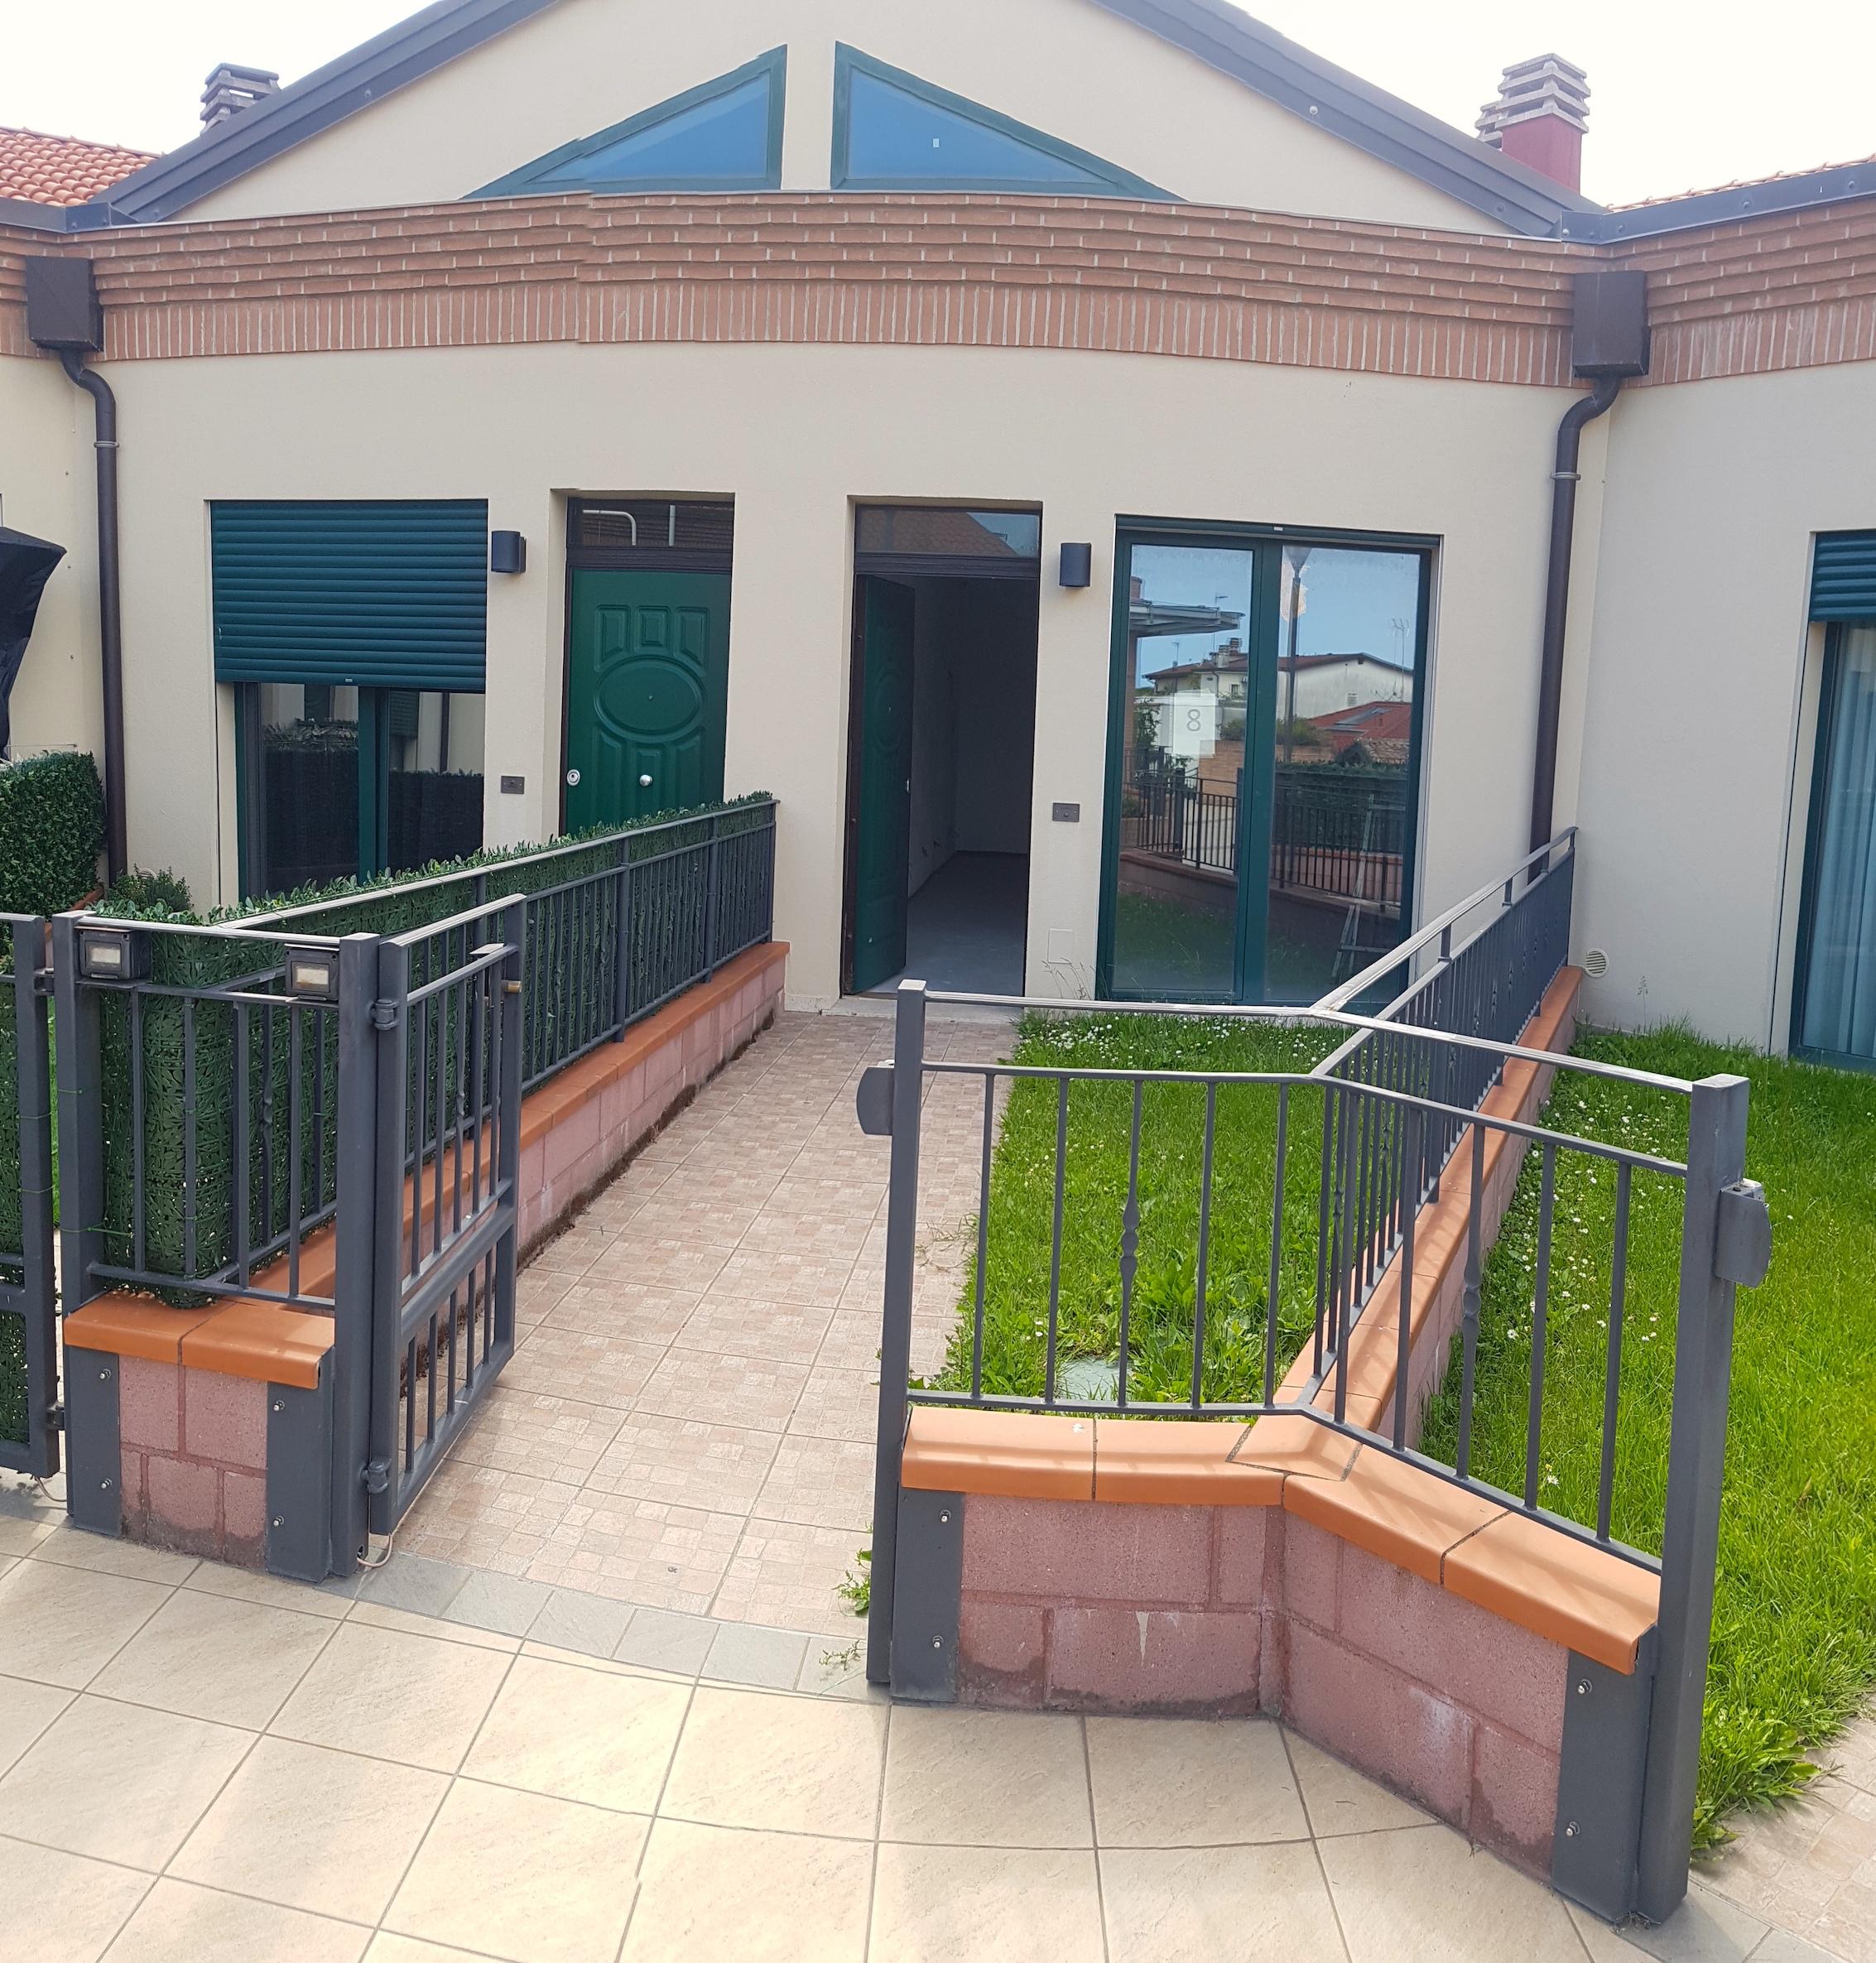 RICCIONE PAESE, Appartamento al grezzo con giardino privato